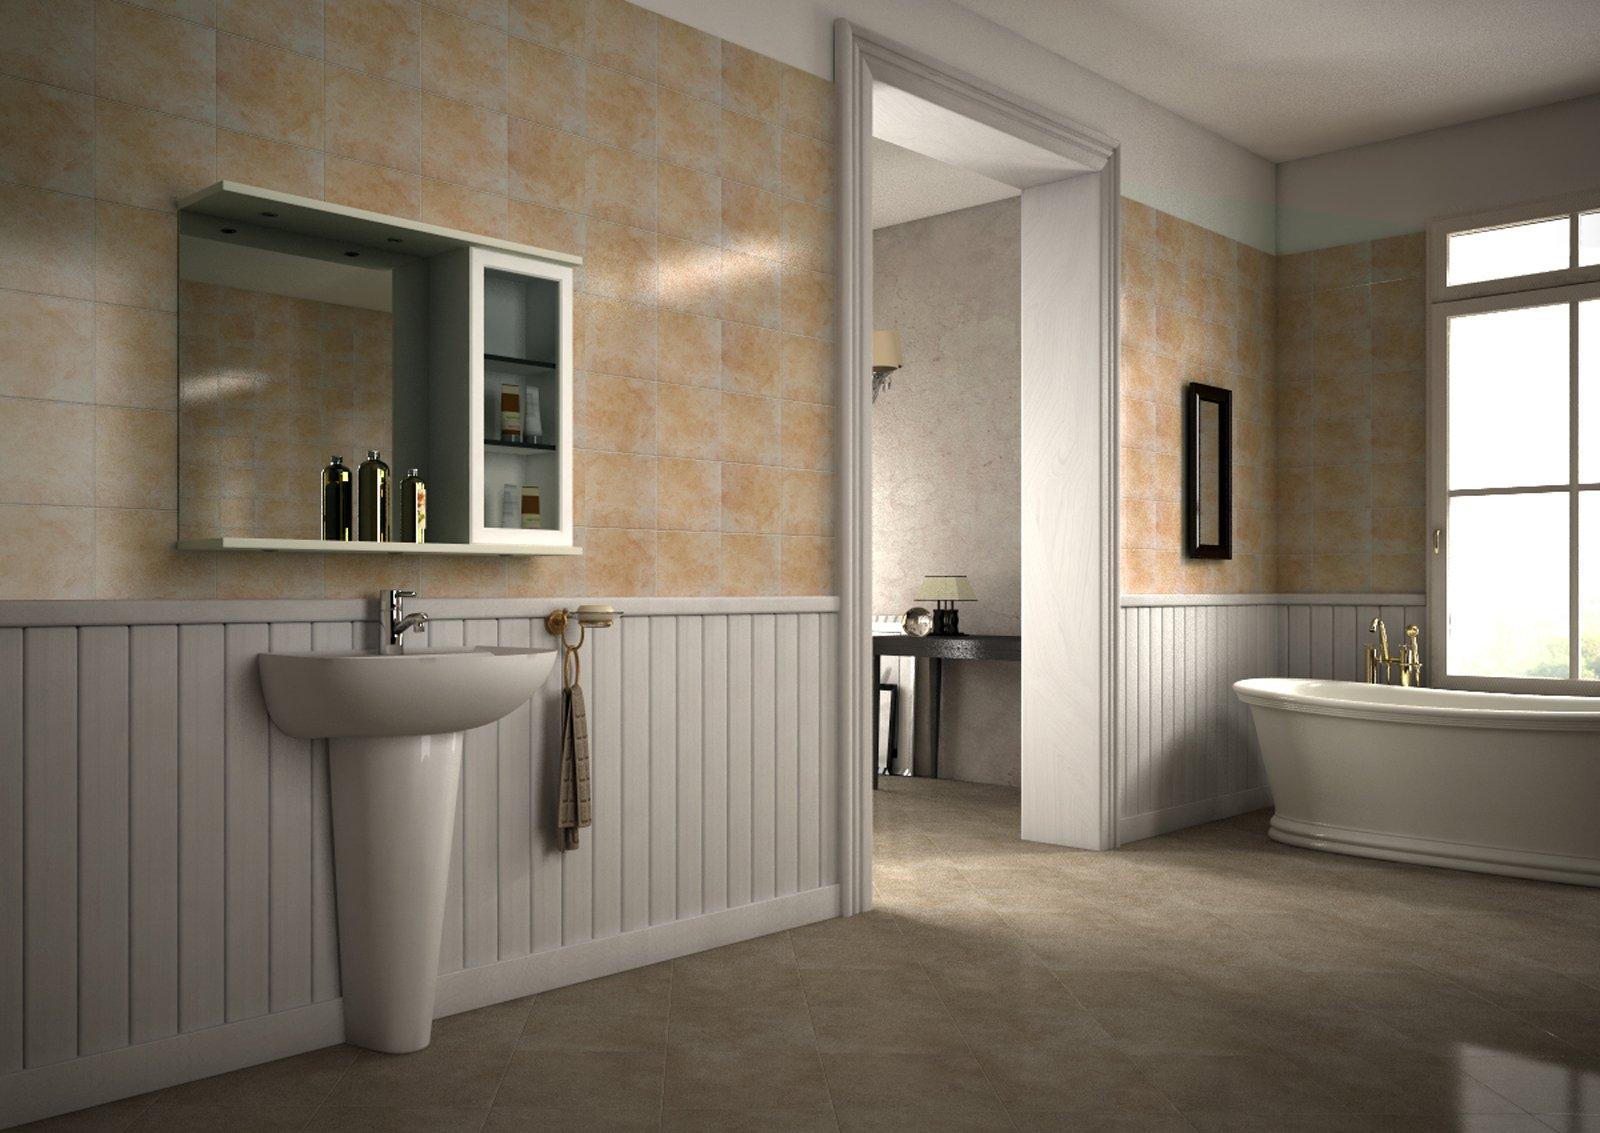 Rinnovare il bagno senza togliere le piastrelle risparmiando anche tempo cose di casa - Pannelli per coprire piastrelle bagno ...